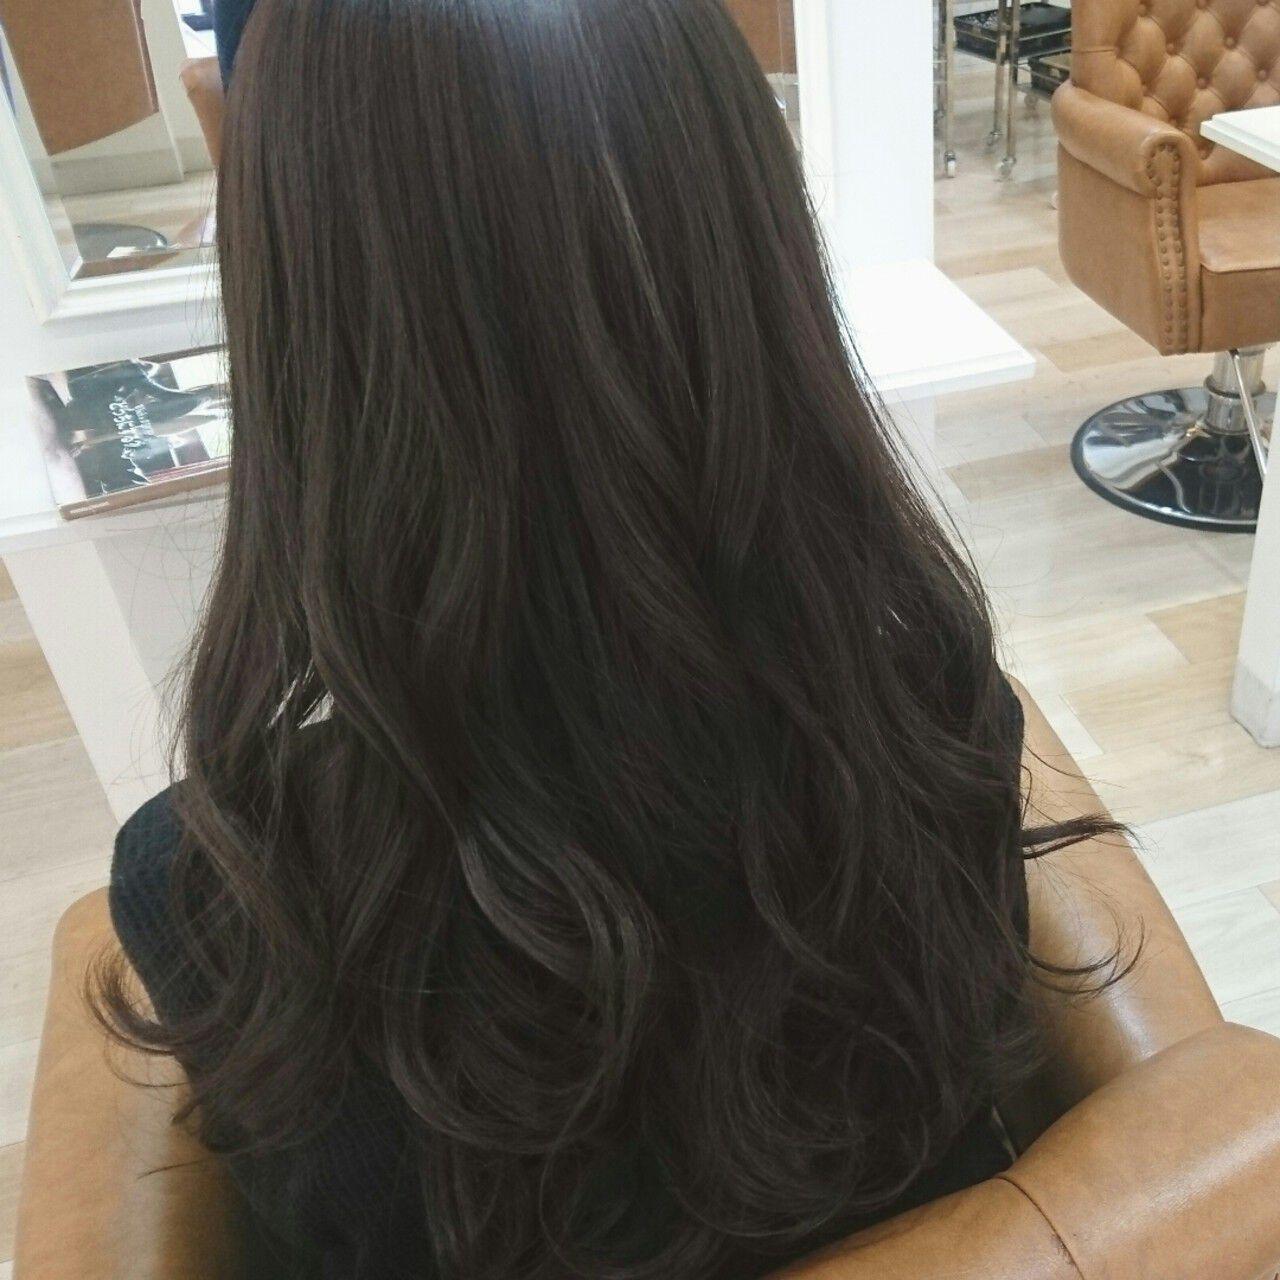 ブルーアッシュ 大人かわいい ロング アッシュグレーヘアスタイルや髪型の写真・画像